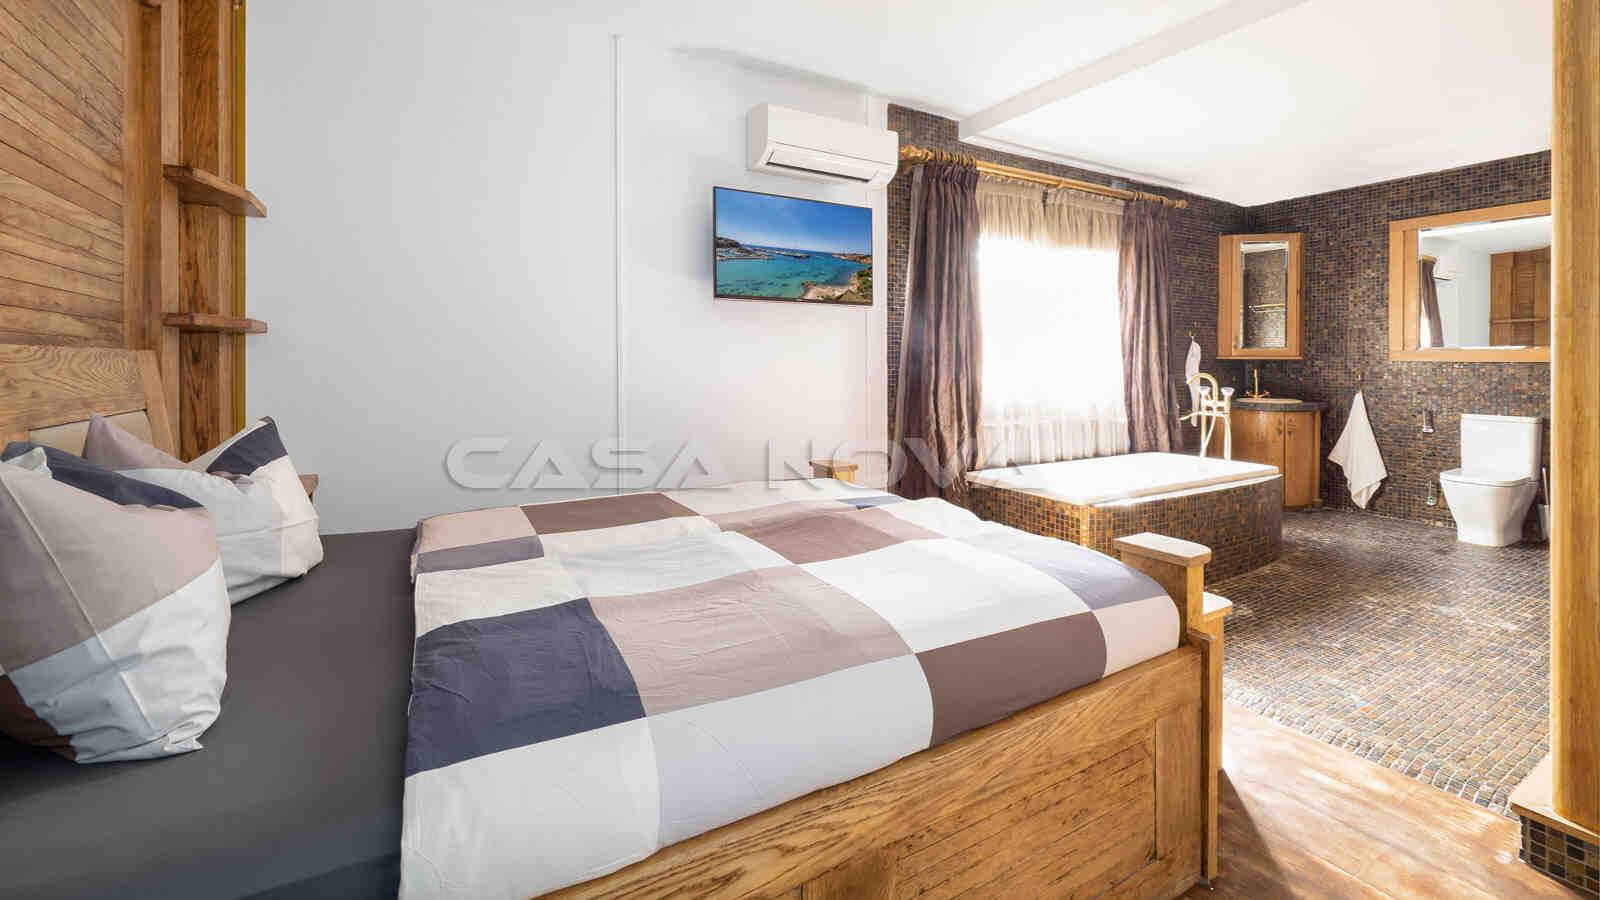 Grosses Doppelschlafzimmer mit en Suite Bad